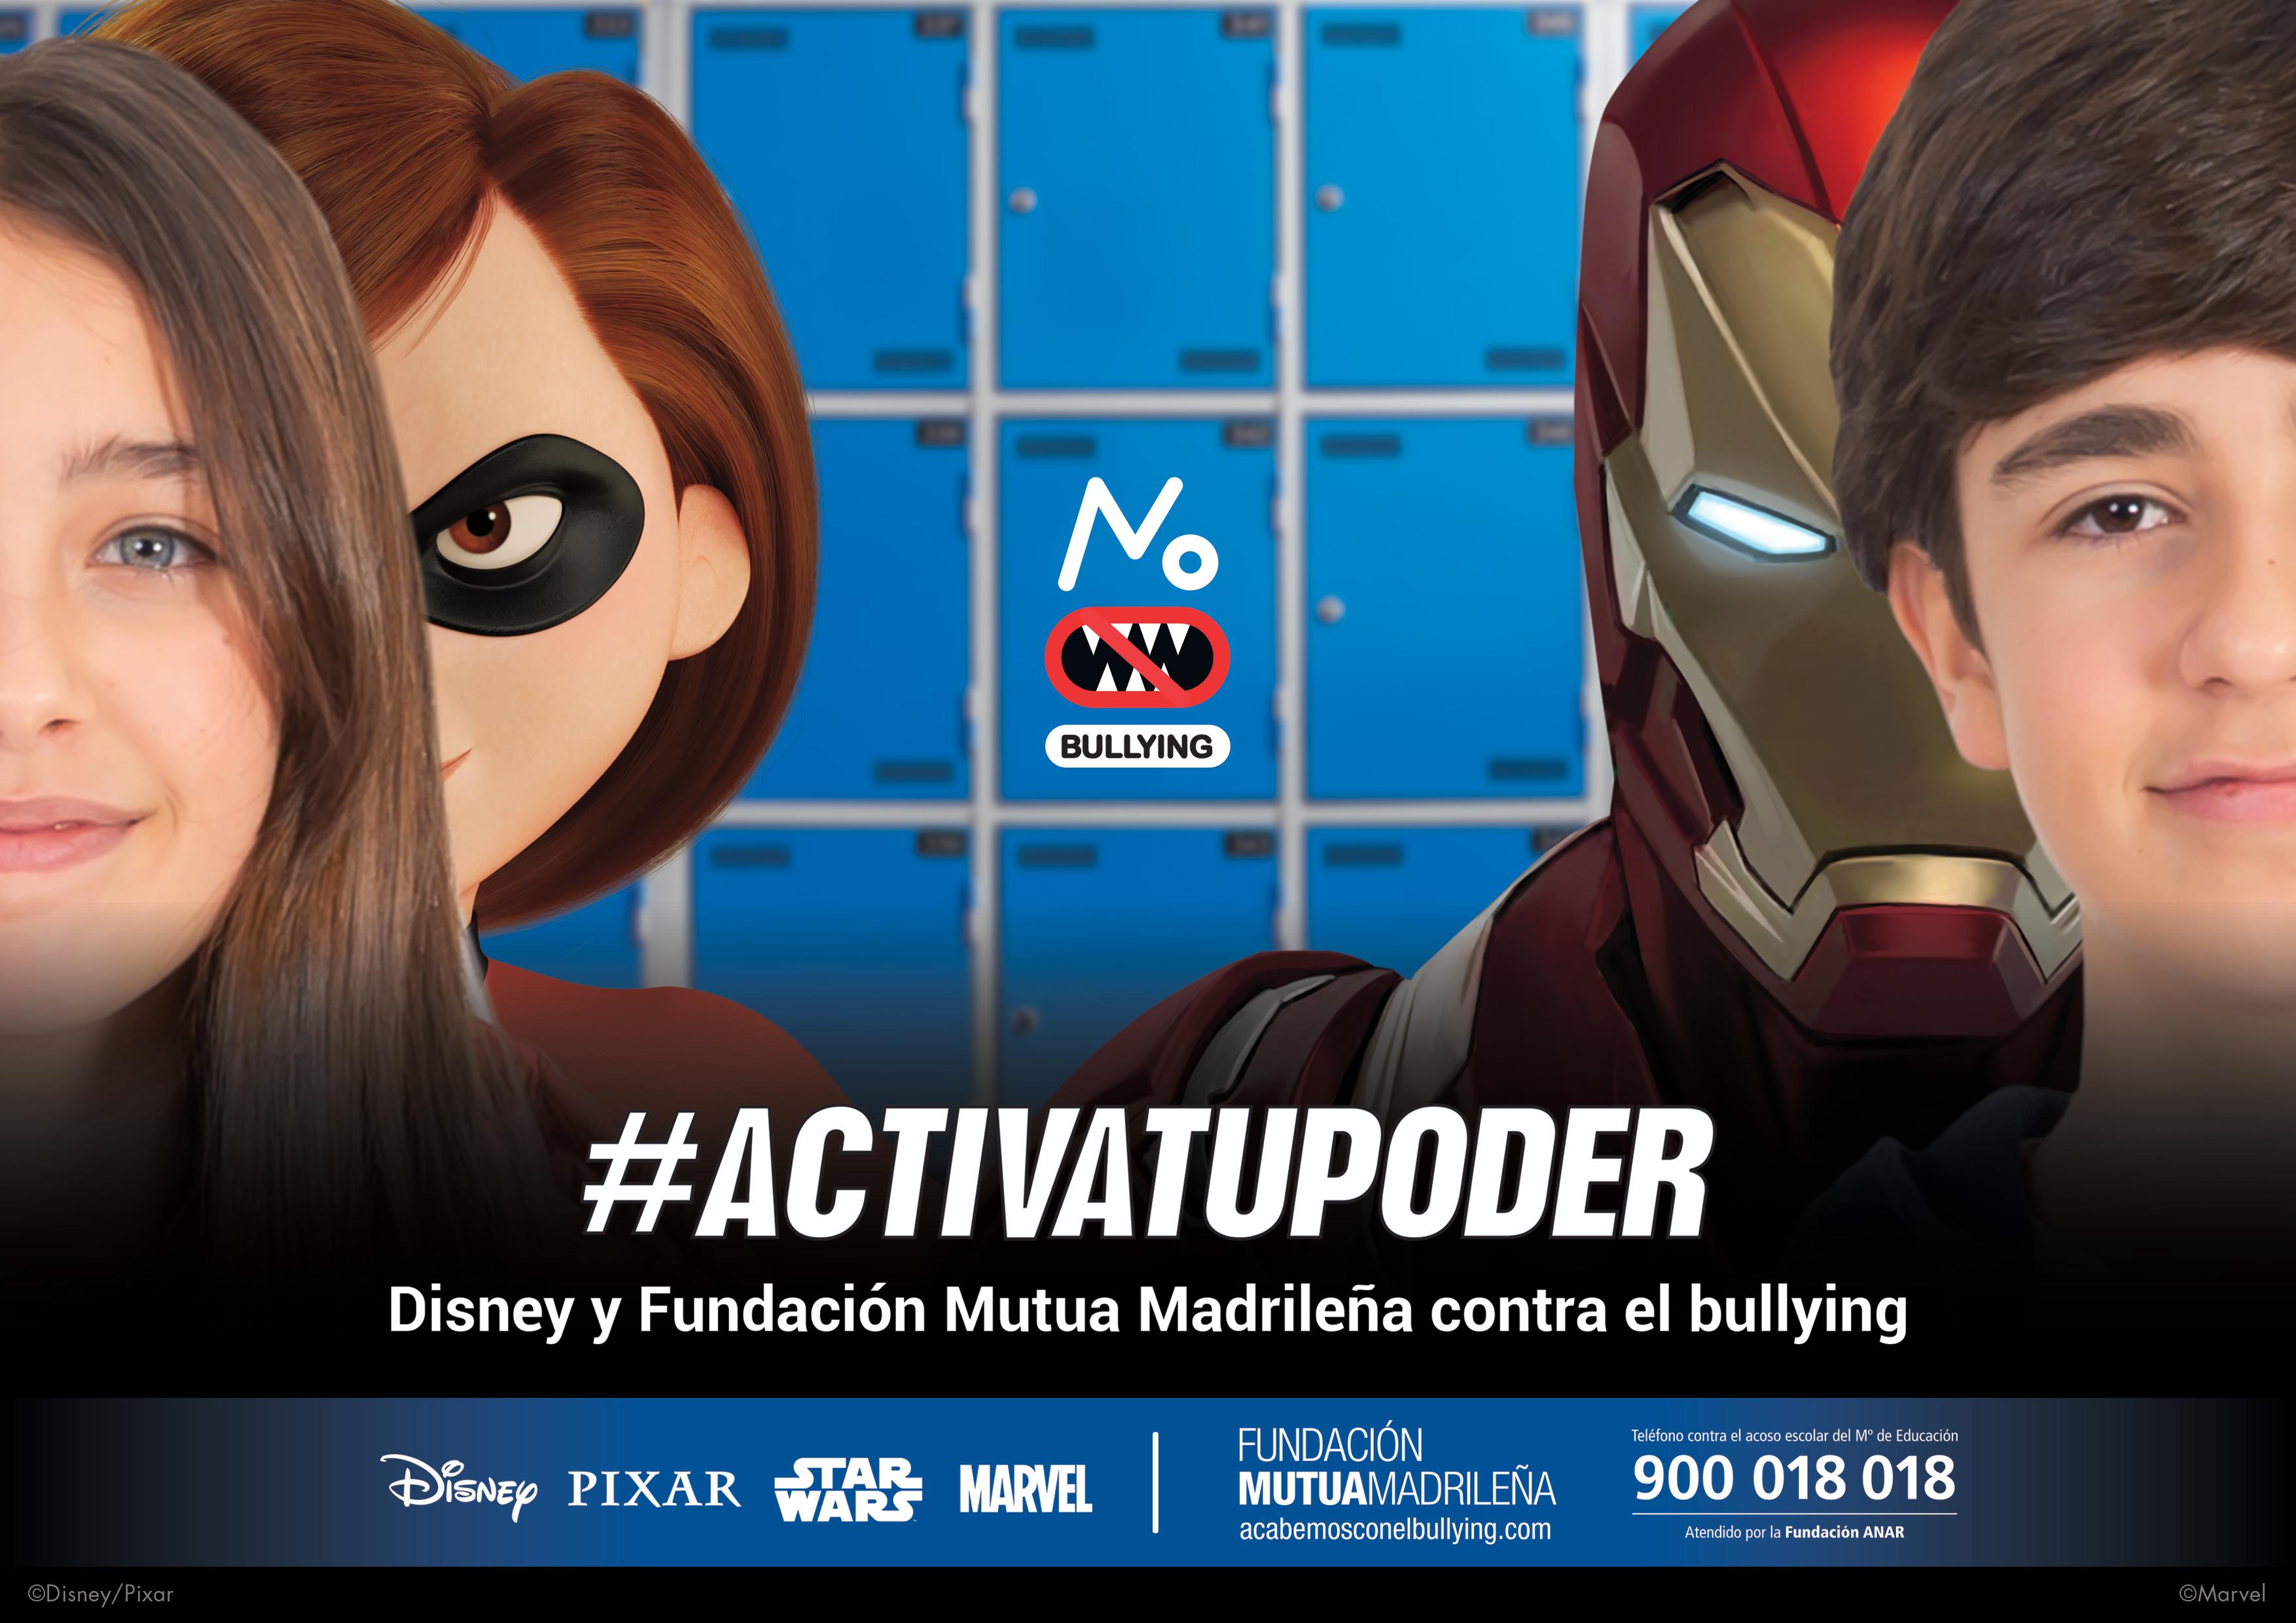 Ironman quiere acabar con el acoso en España de la mano de Mutua Madrileña y Disney